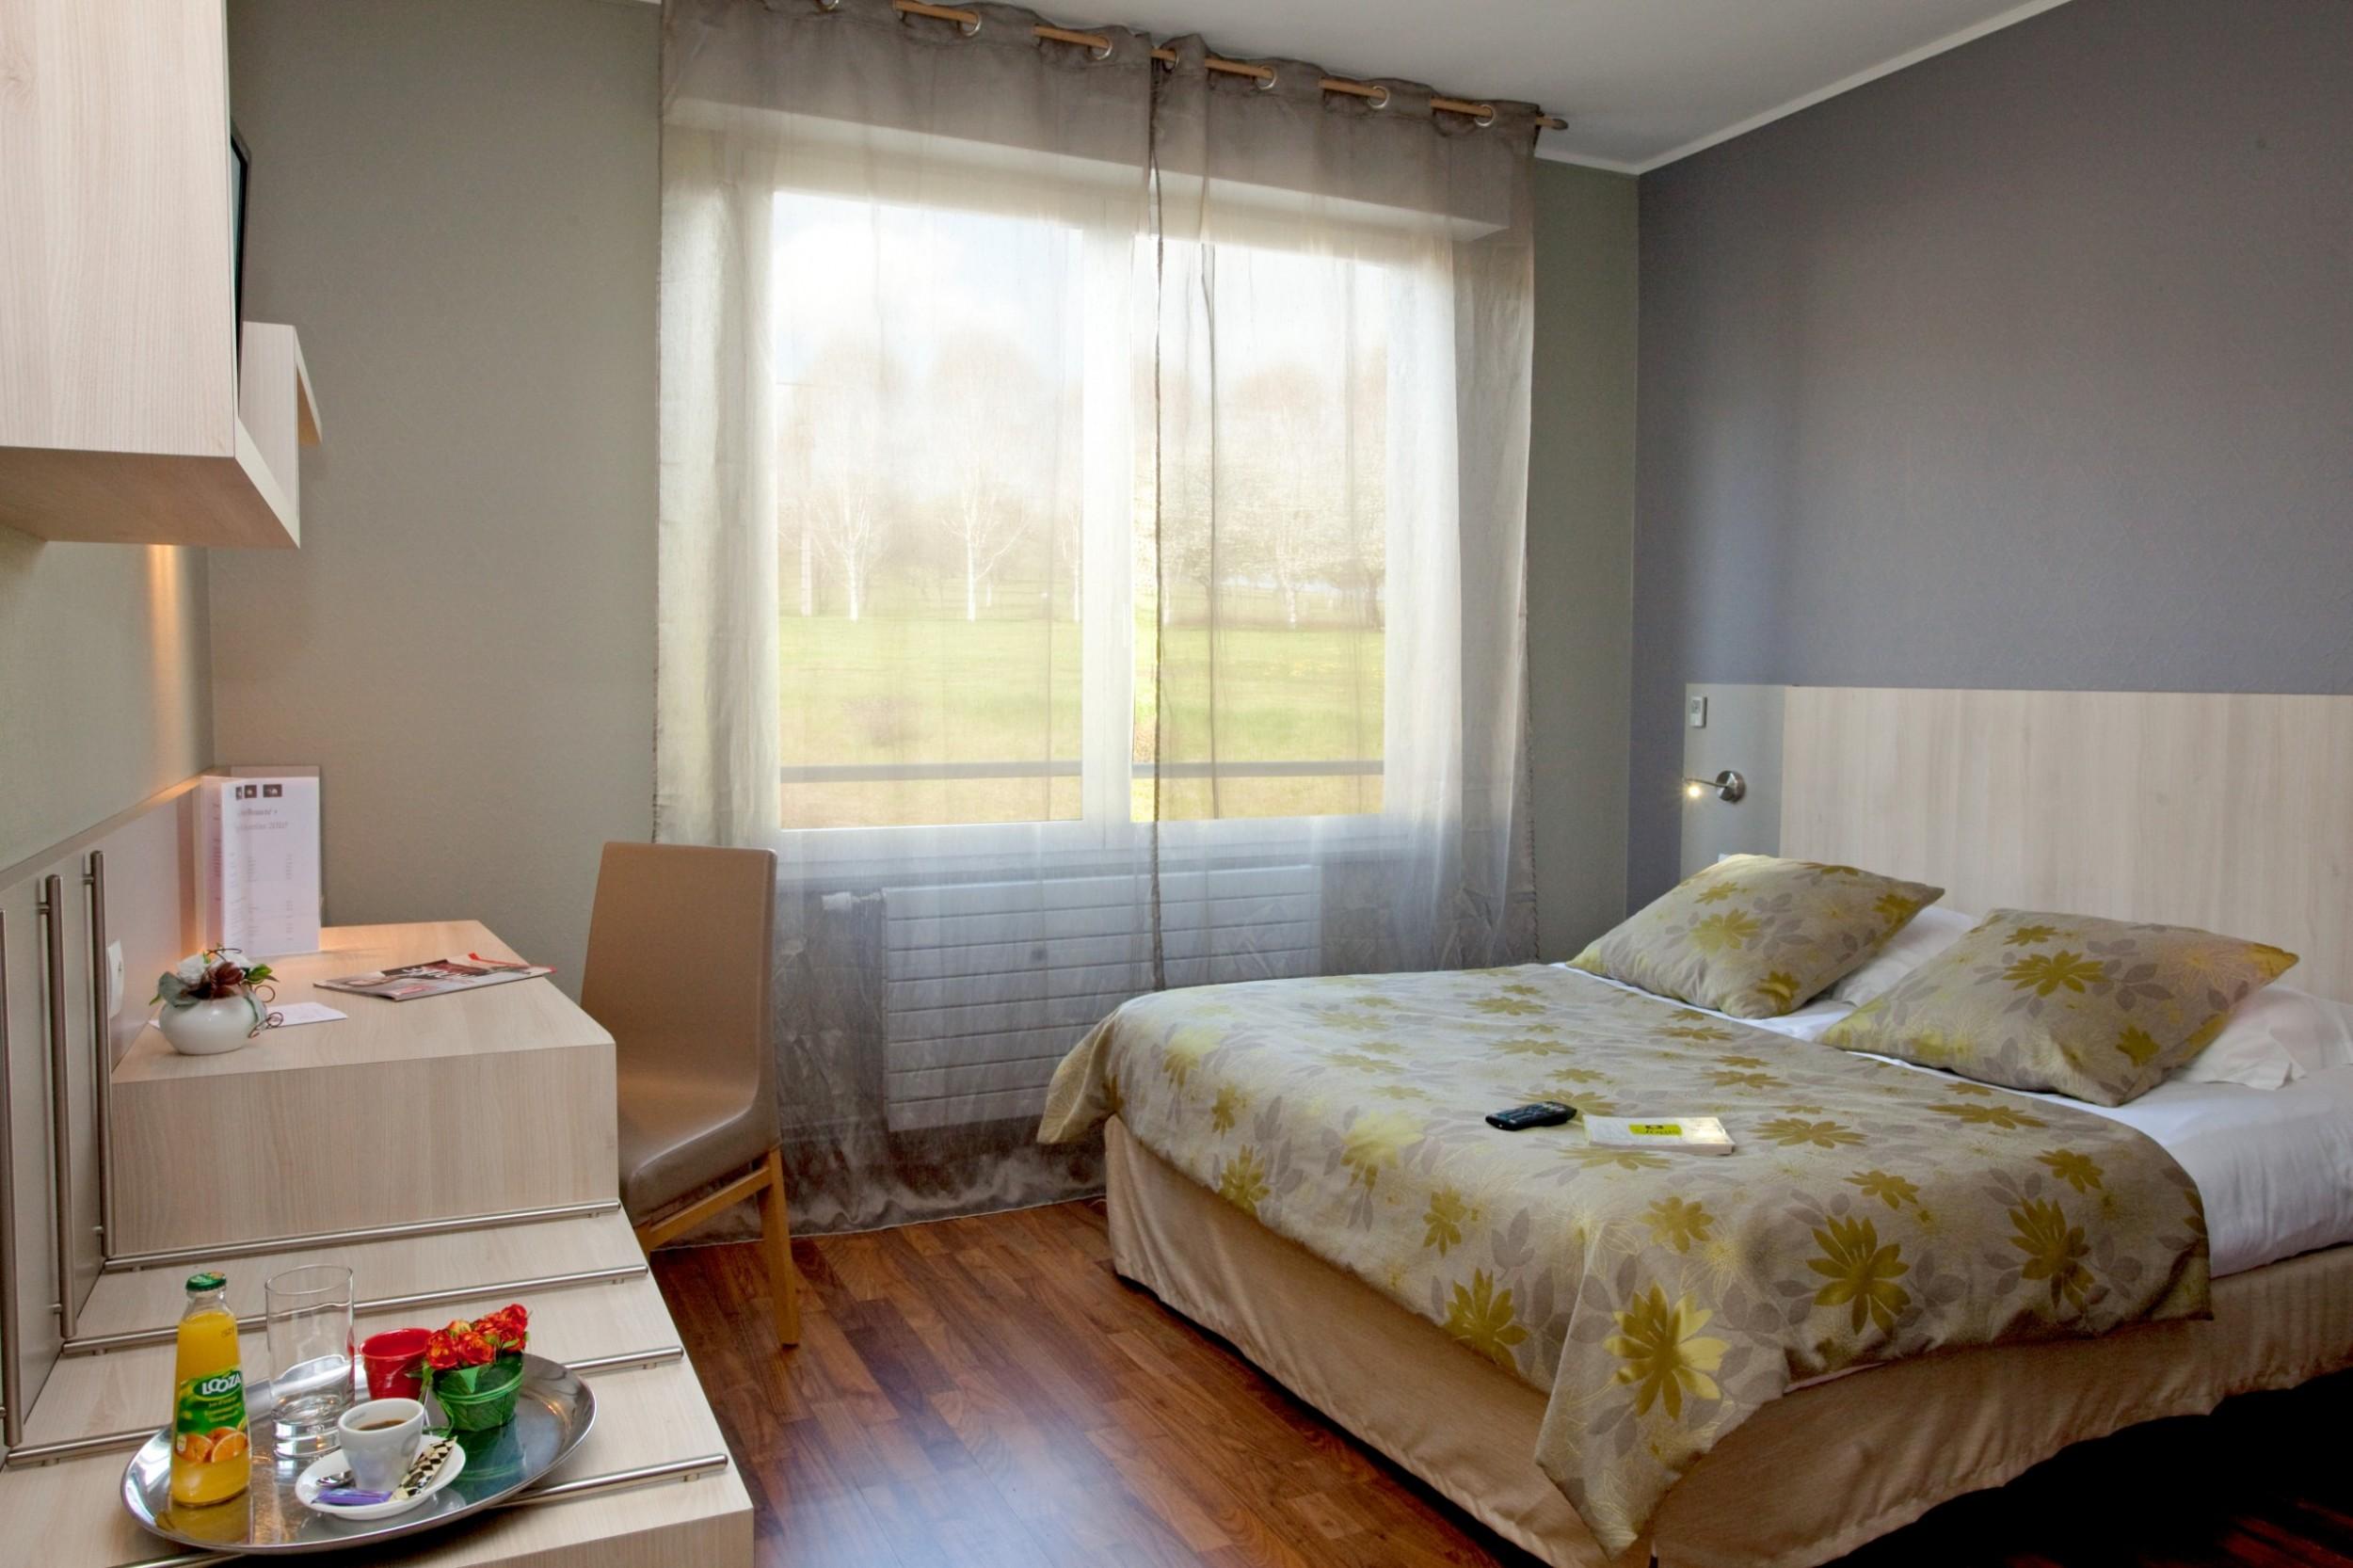 Hotel L Orée Du Bois Vittel - H u00f4tel l'orée du bois Hébergement& soins Vittel SPA